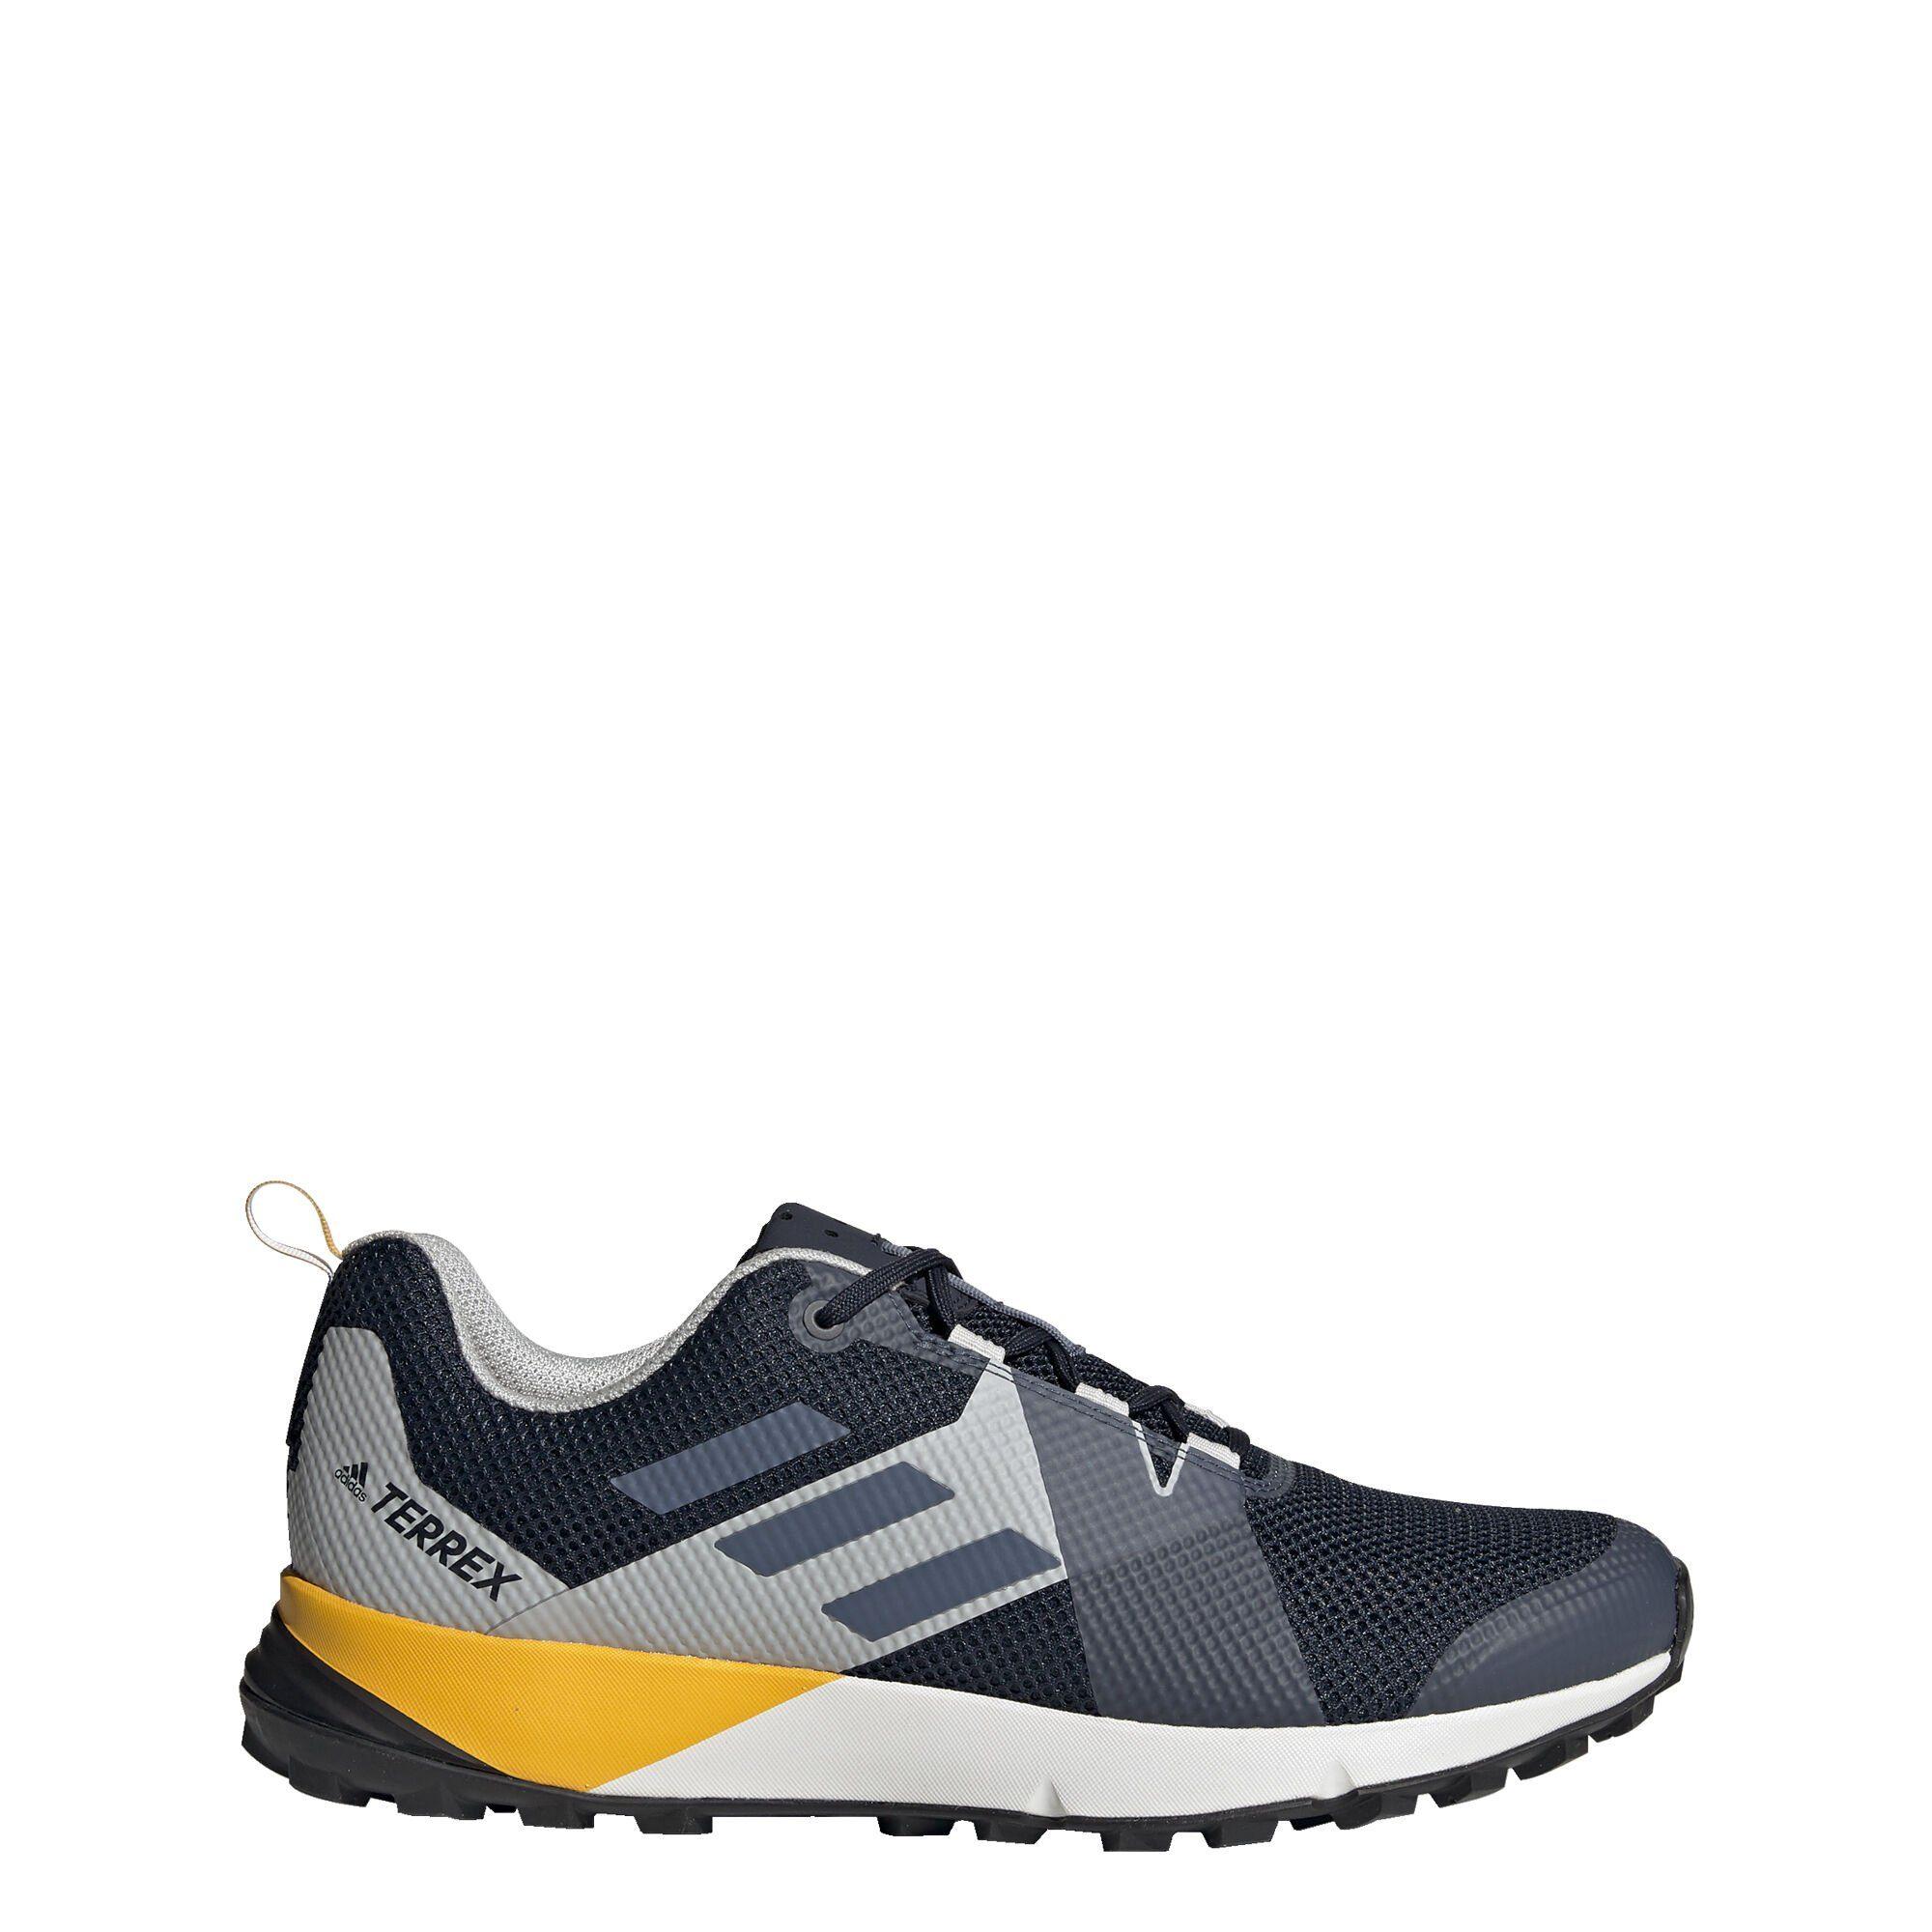 adidas Performance »TERREX Two Schuh« Outdoorschuh TERREX online kaufen | OTTO